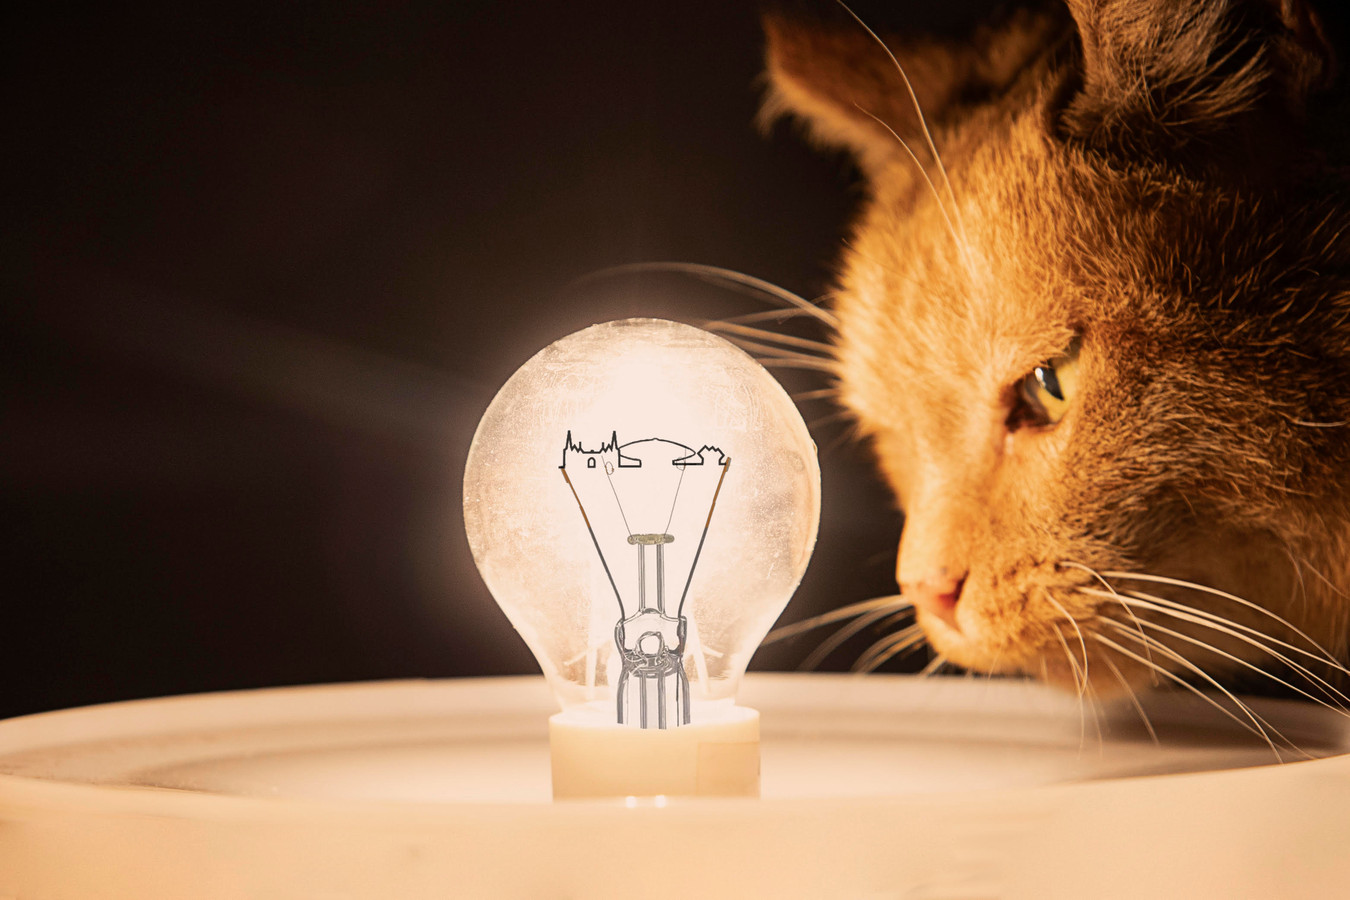 Lampegatters en kattenmeppers door middel van kennis gekoppeld.